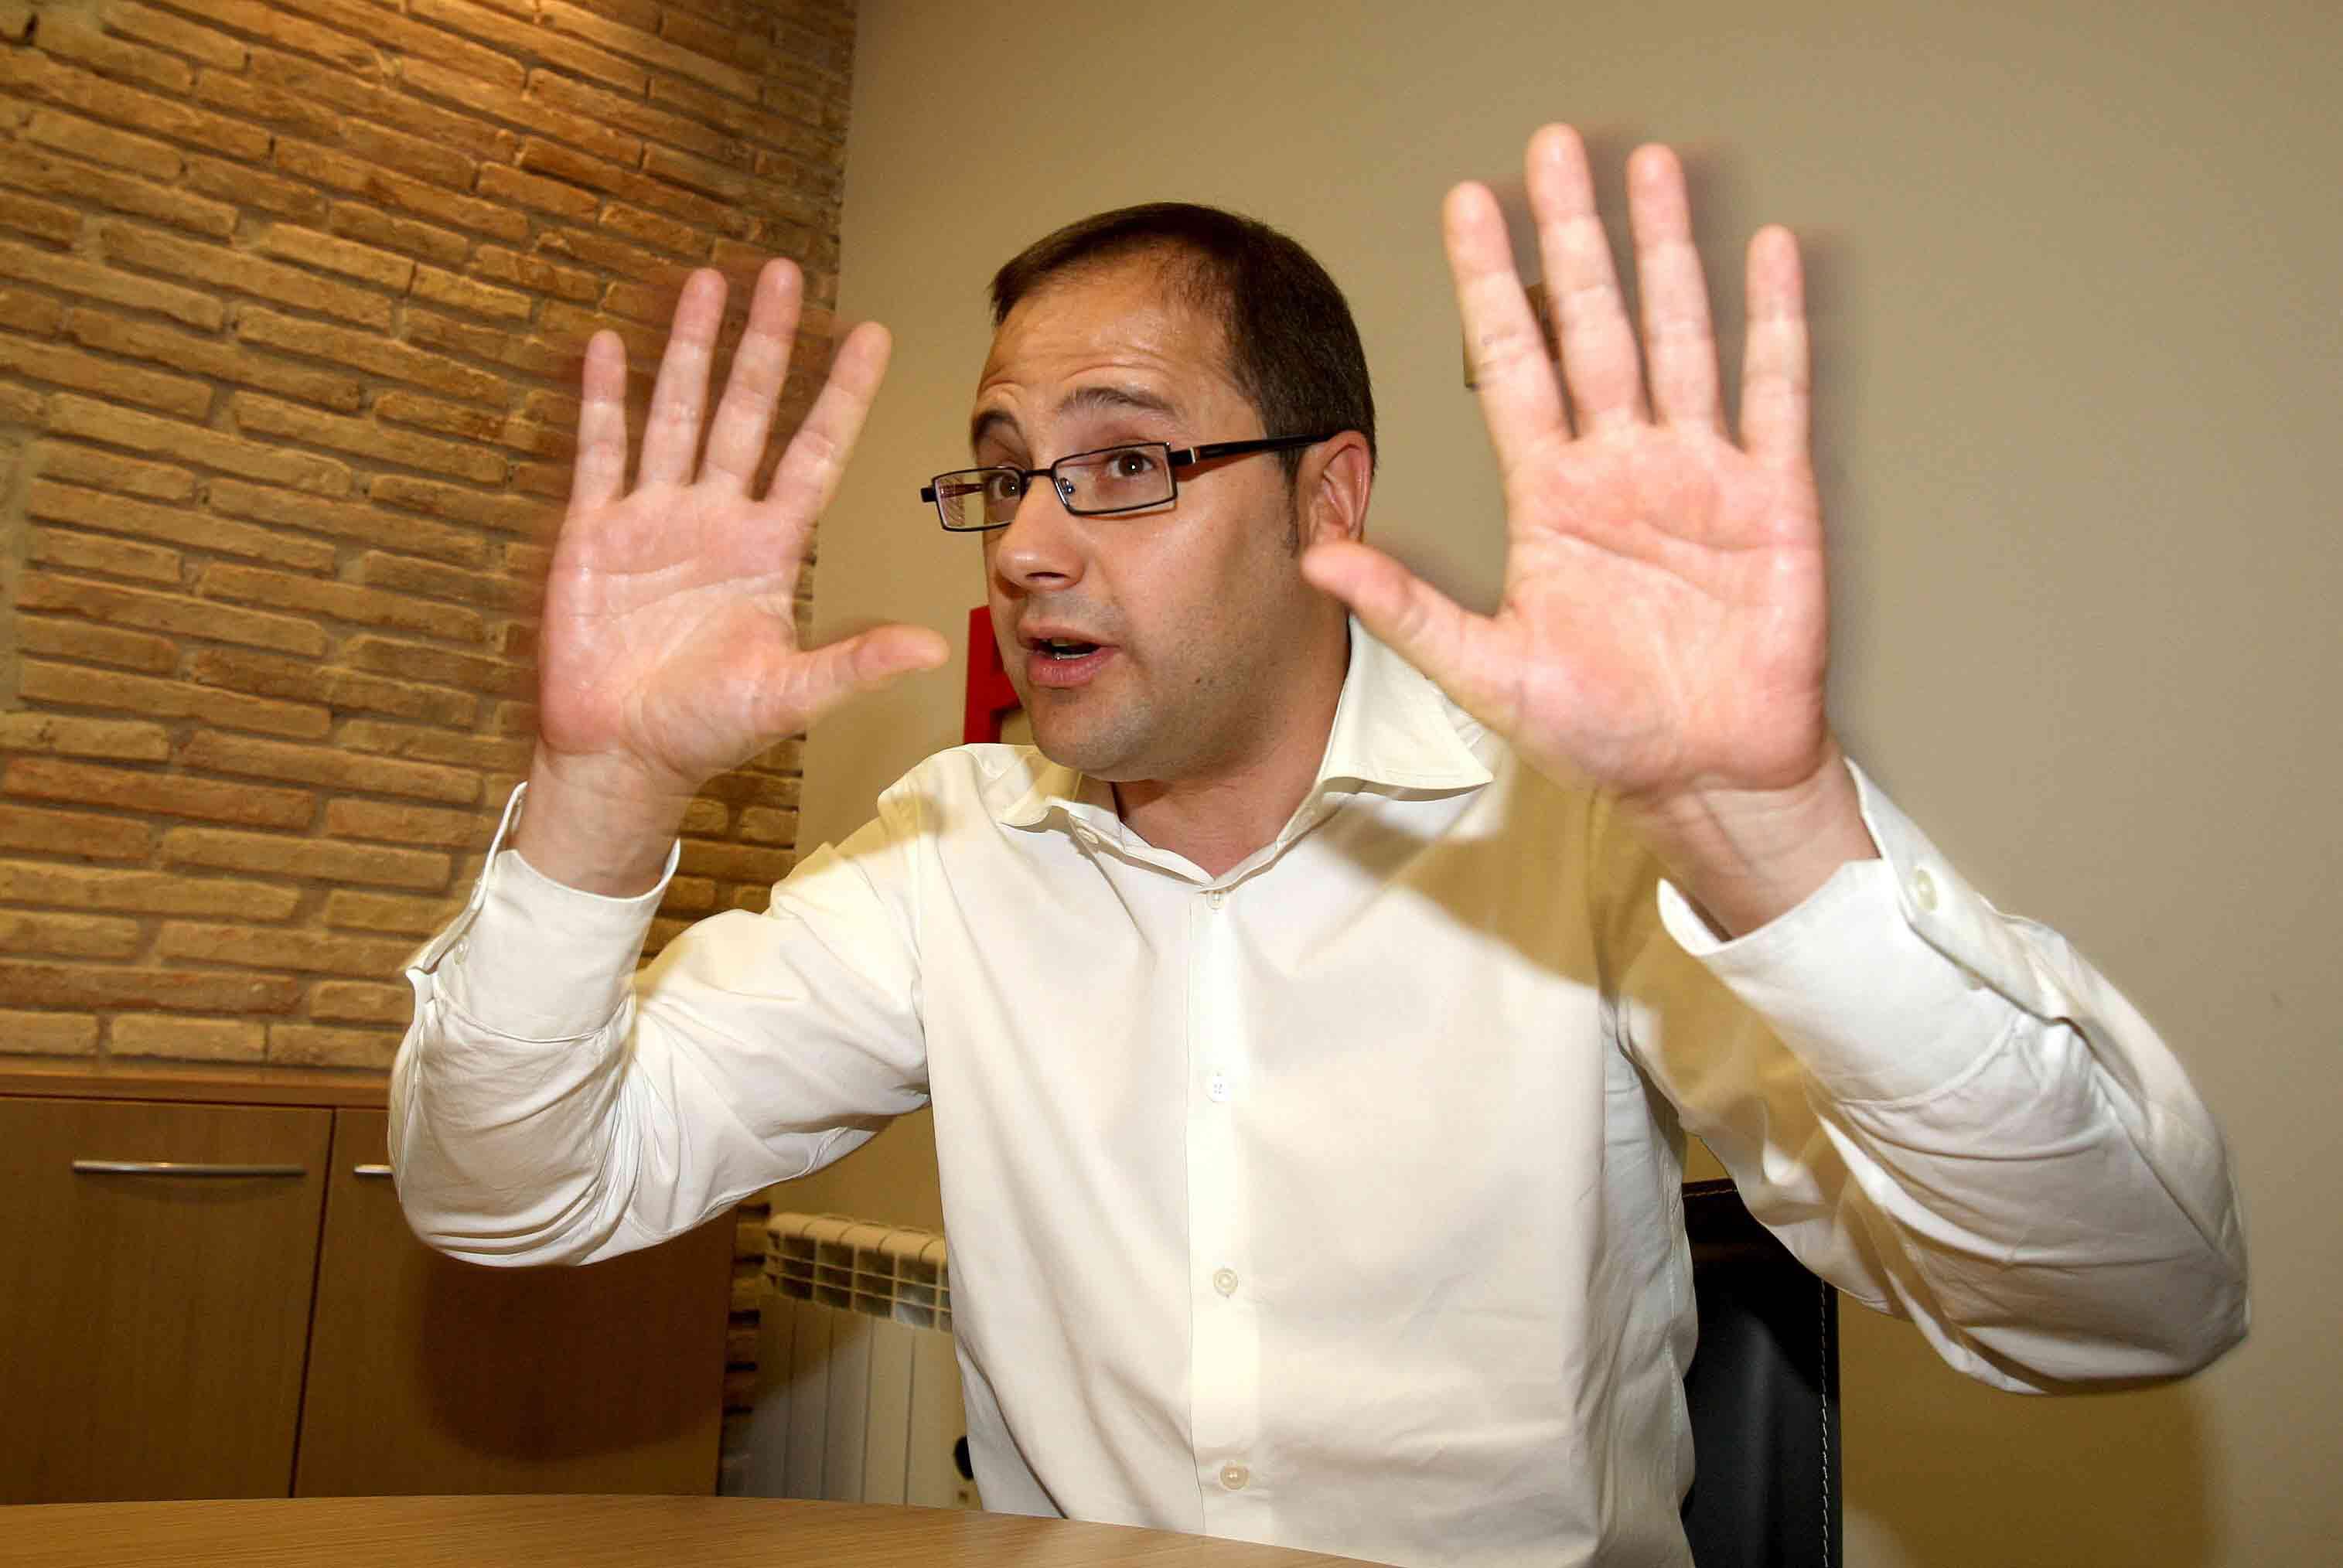 El número dos del PSOE se mete en un jardín al poner a Hollande como ejemplo